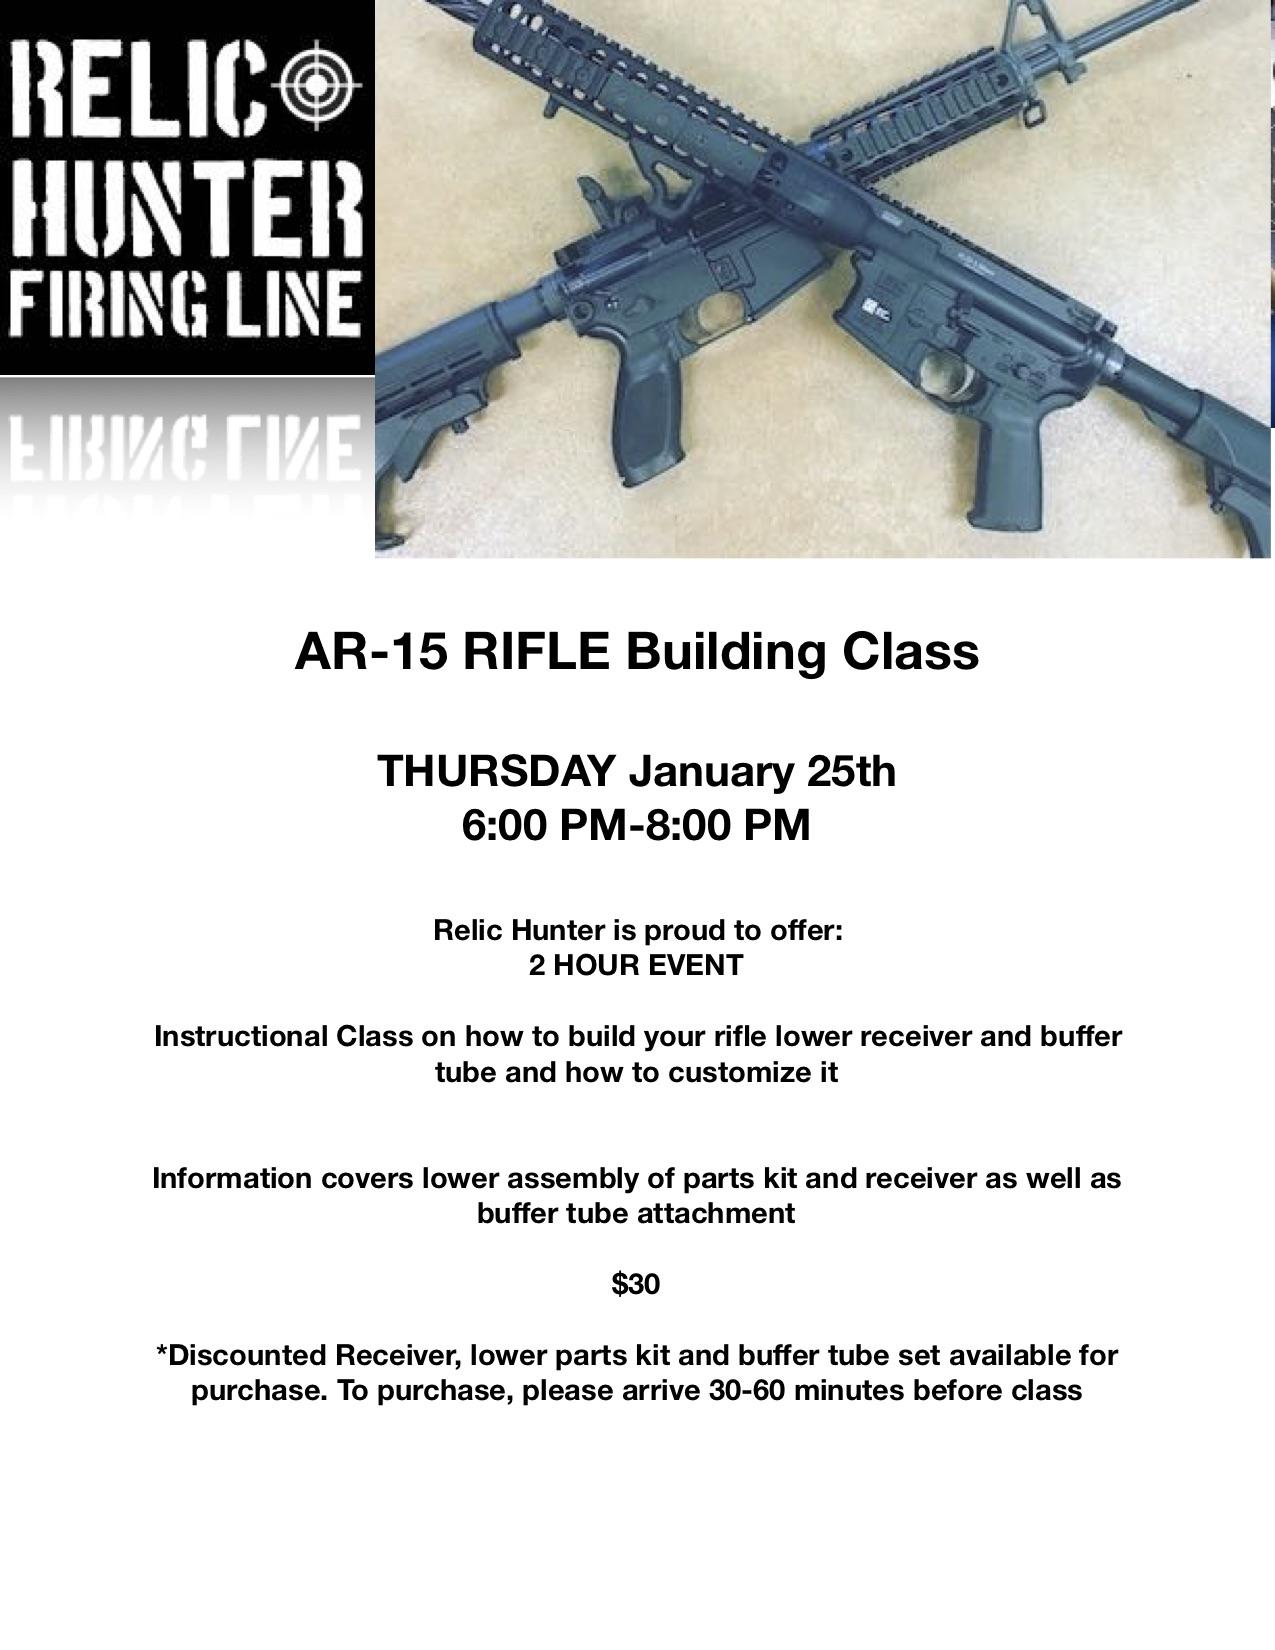 AR15 class flyer